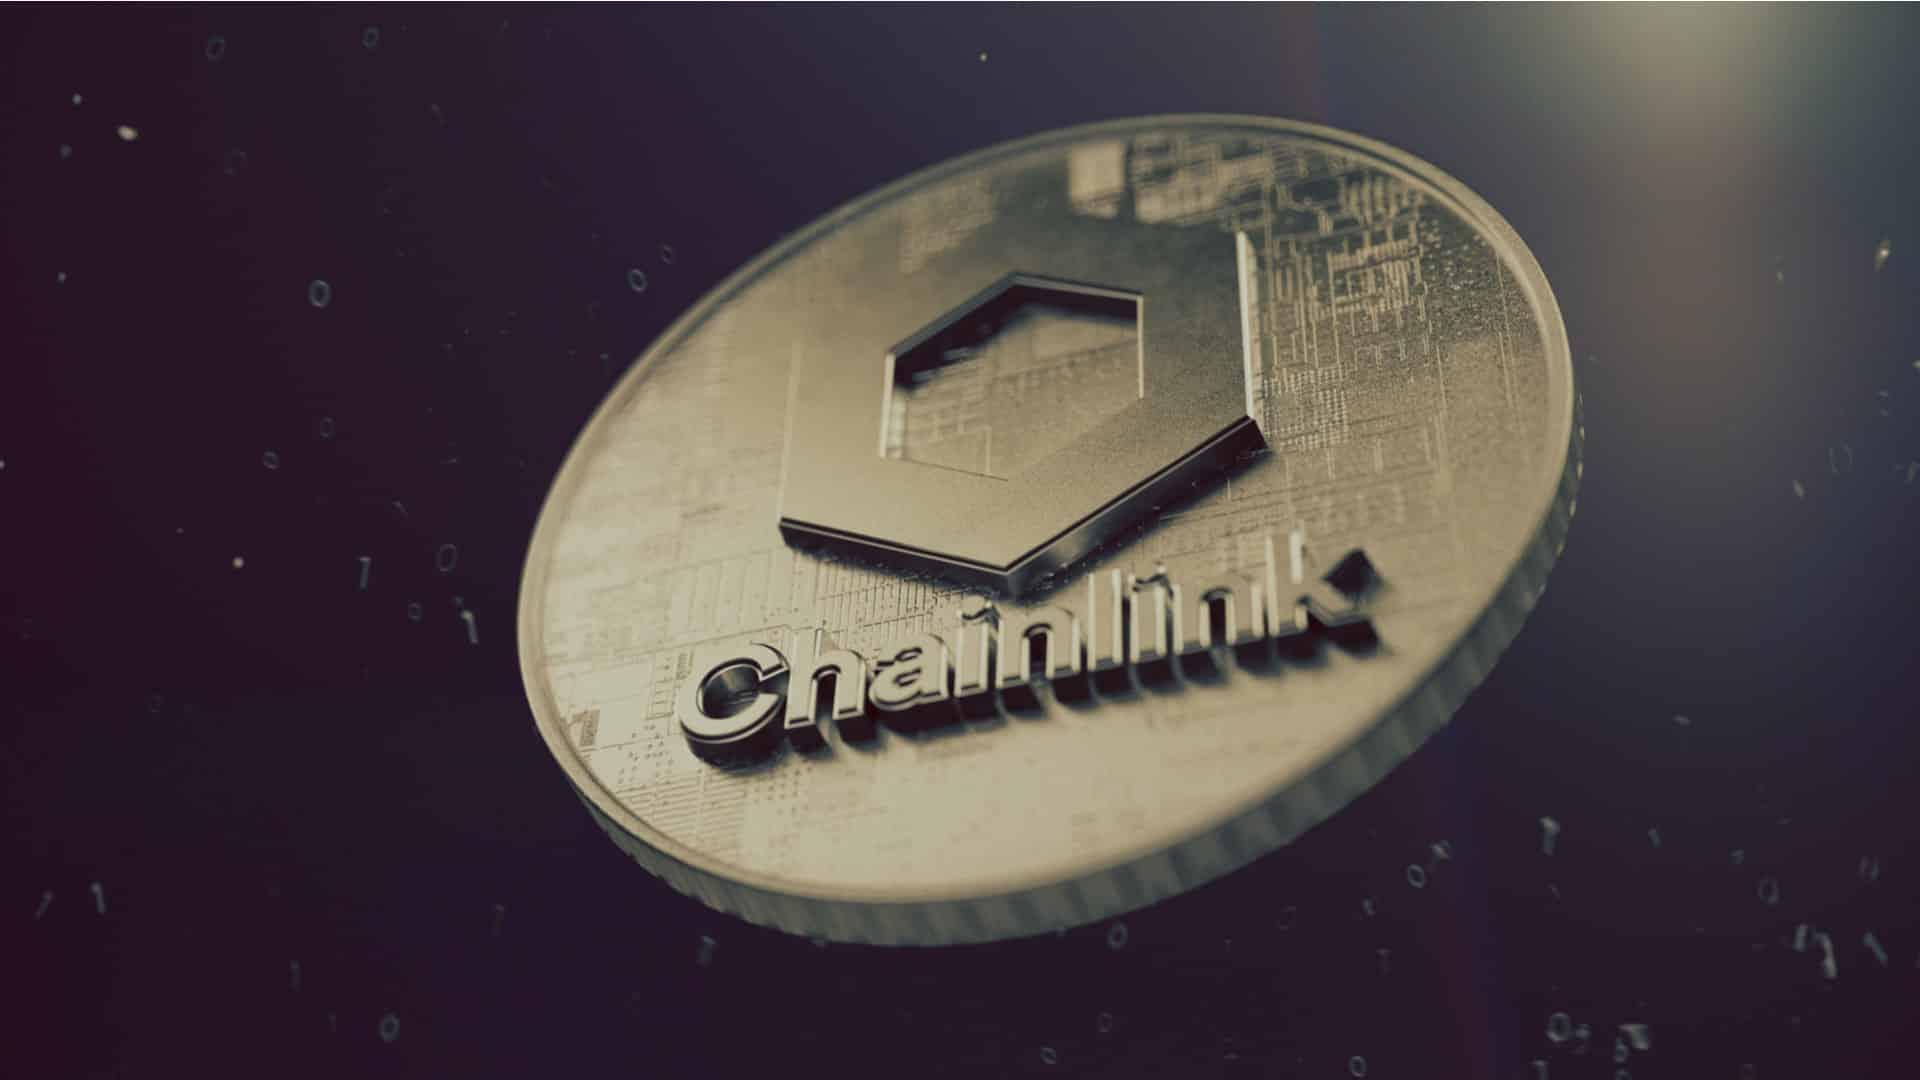 العملة الرقمية LINK تسجل أعلى مستوى لها في 3 أشهر...تعرف على سبب ارتفاعها!